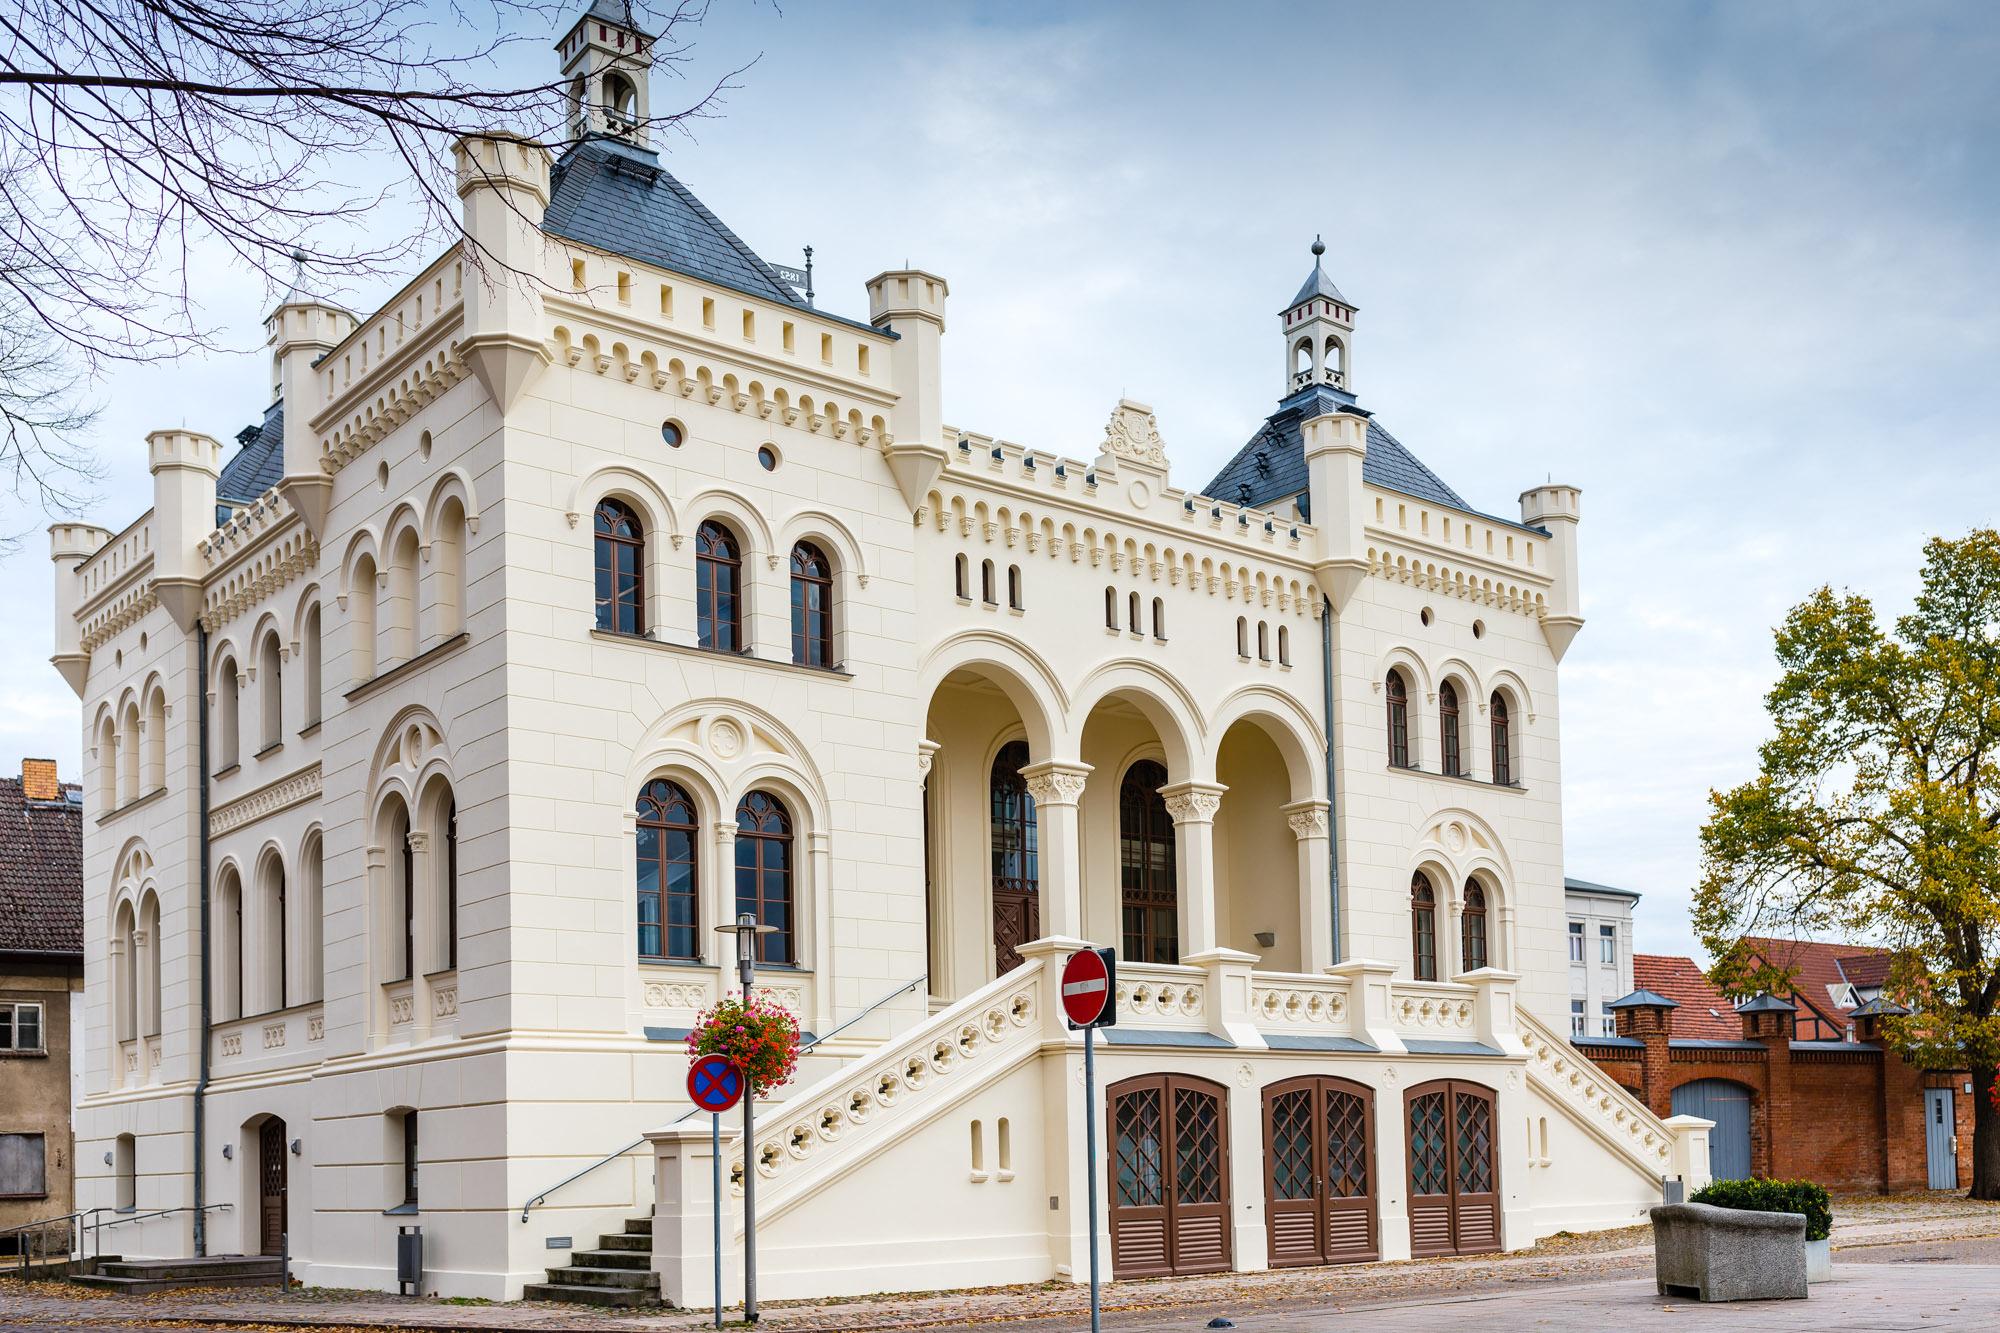 Standesamt im Rathaus Wittenburg - Hochzeitsfotograf in Wittenburg FOTOFECHNER